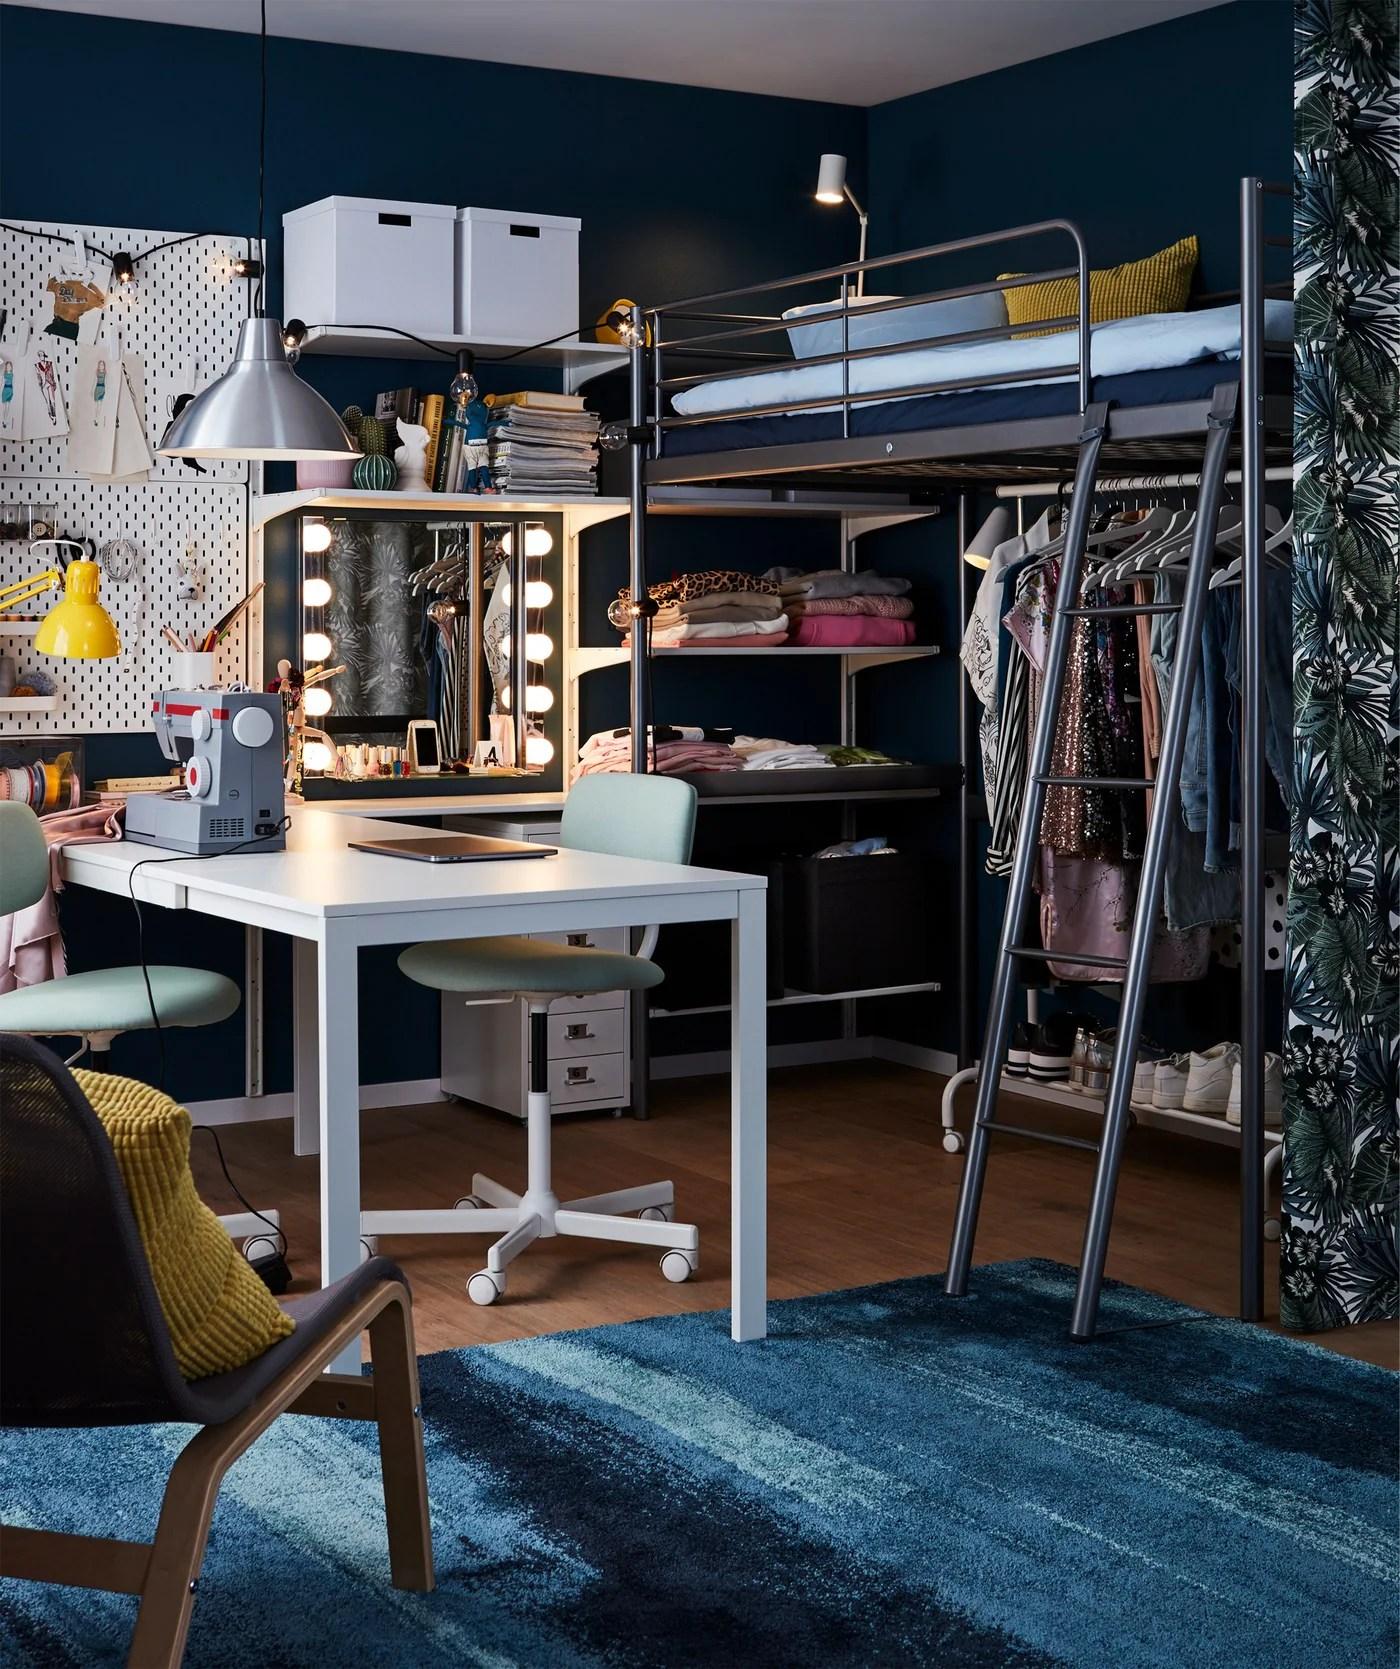 espace parfait pour une ado fashionista